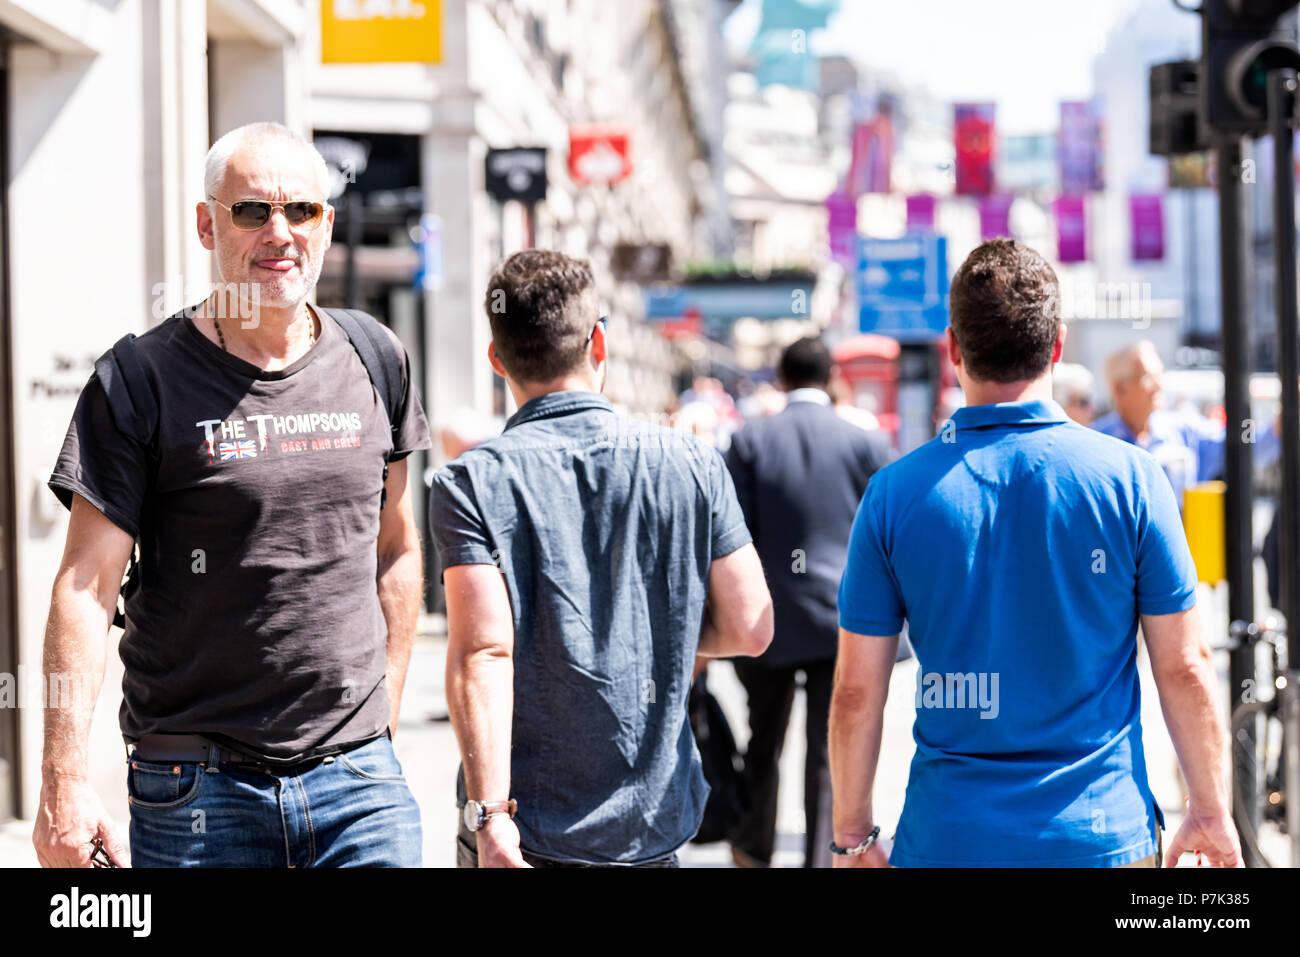 Londres, Royaume-Uni - 22 juin 2018: foule de beaucoup de gens homme piétons circulent sur la rue trottoir Piccadilly road dans le centre-ville de ville, o drapeau Angleterre Photo Stock